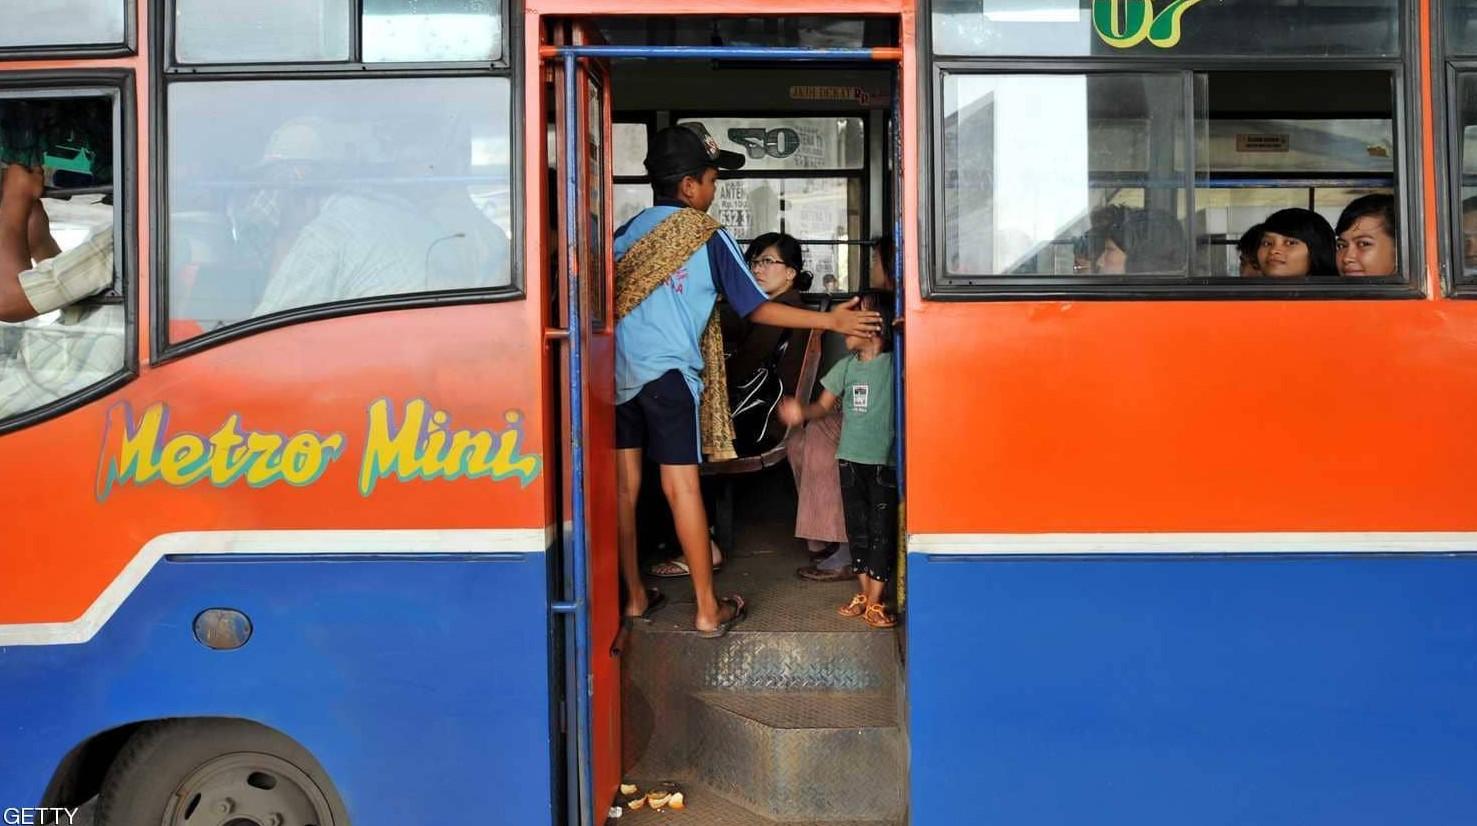 إندونيسيا تبتكر أغرب طريقة لدفع تذاكر الحافلات